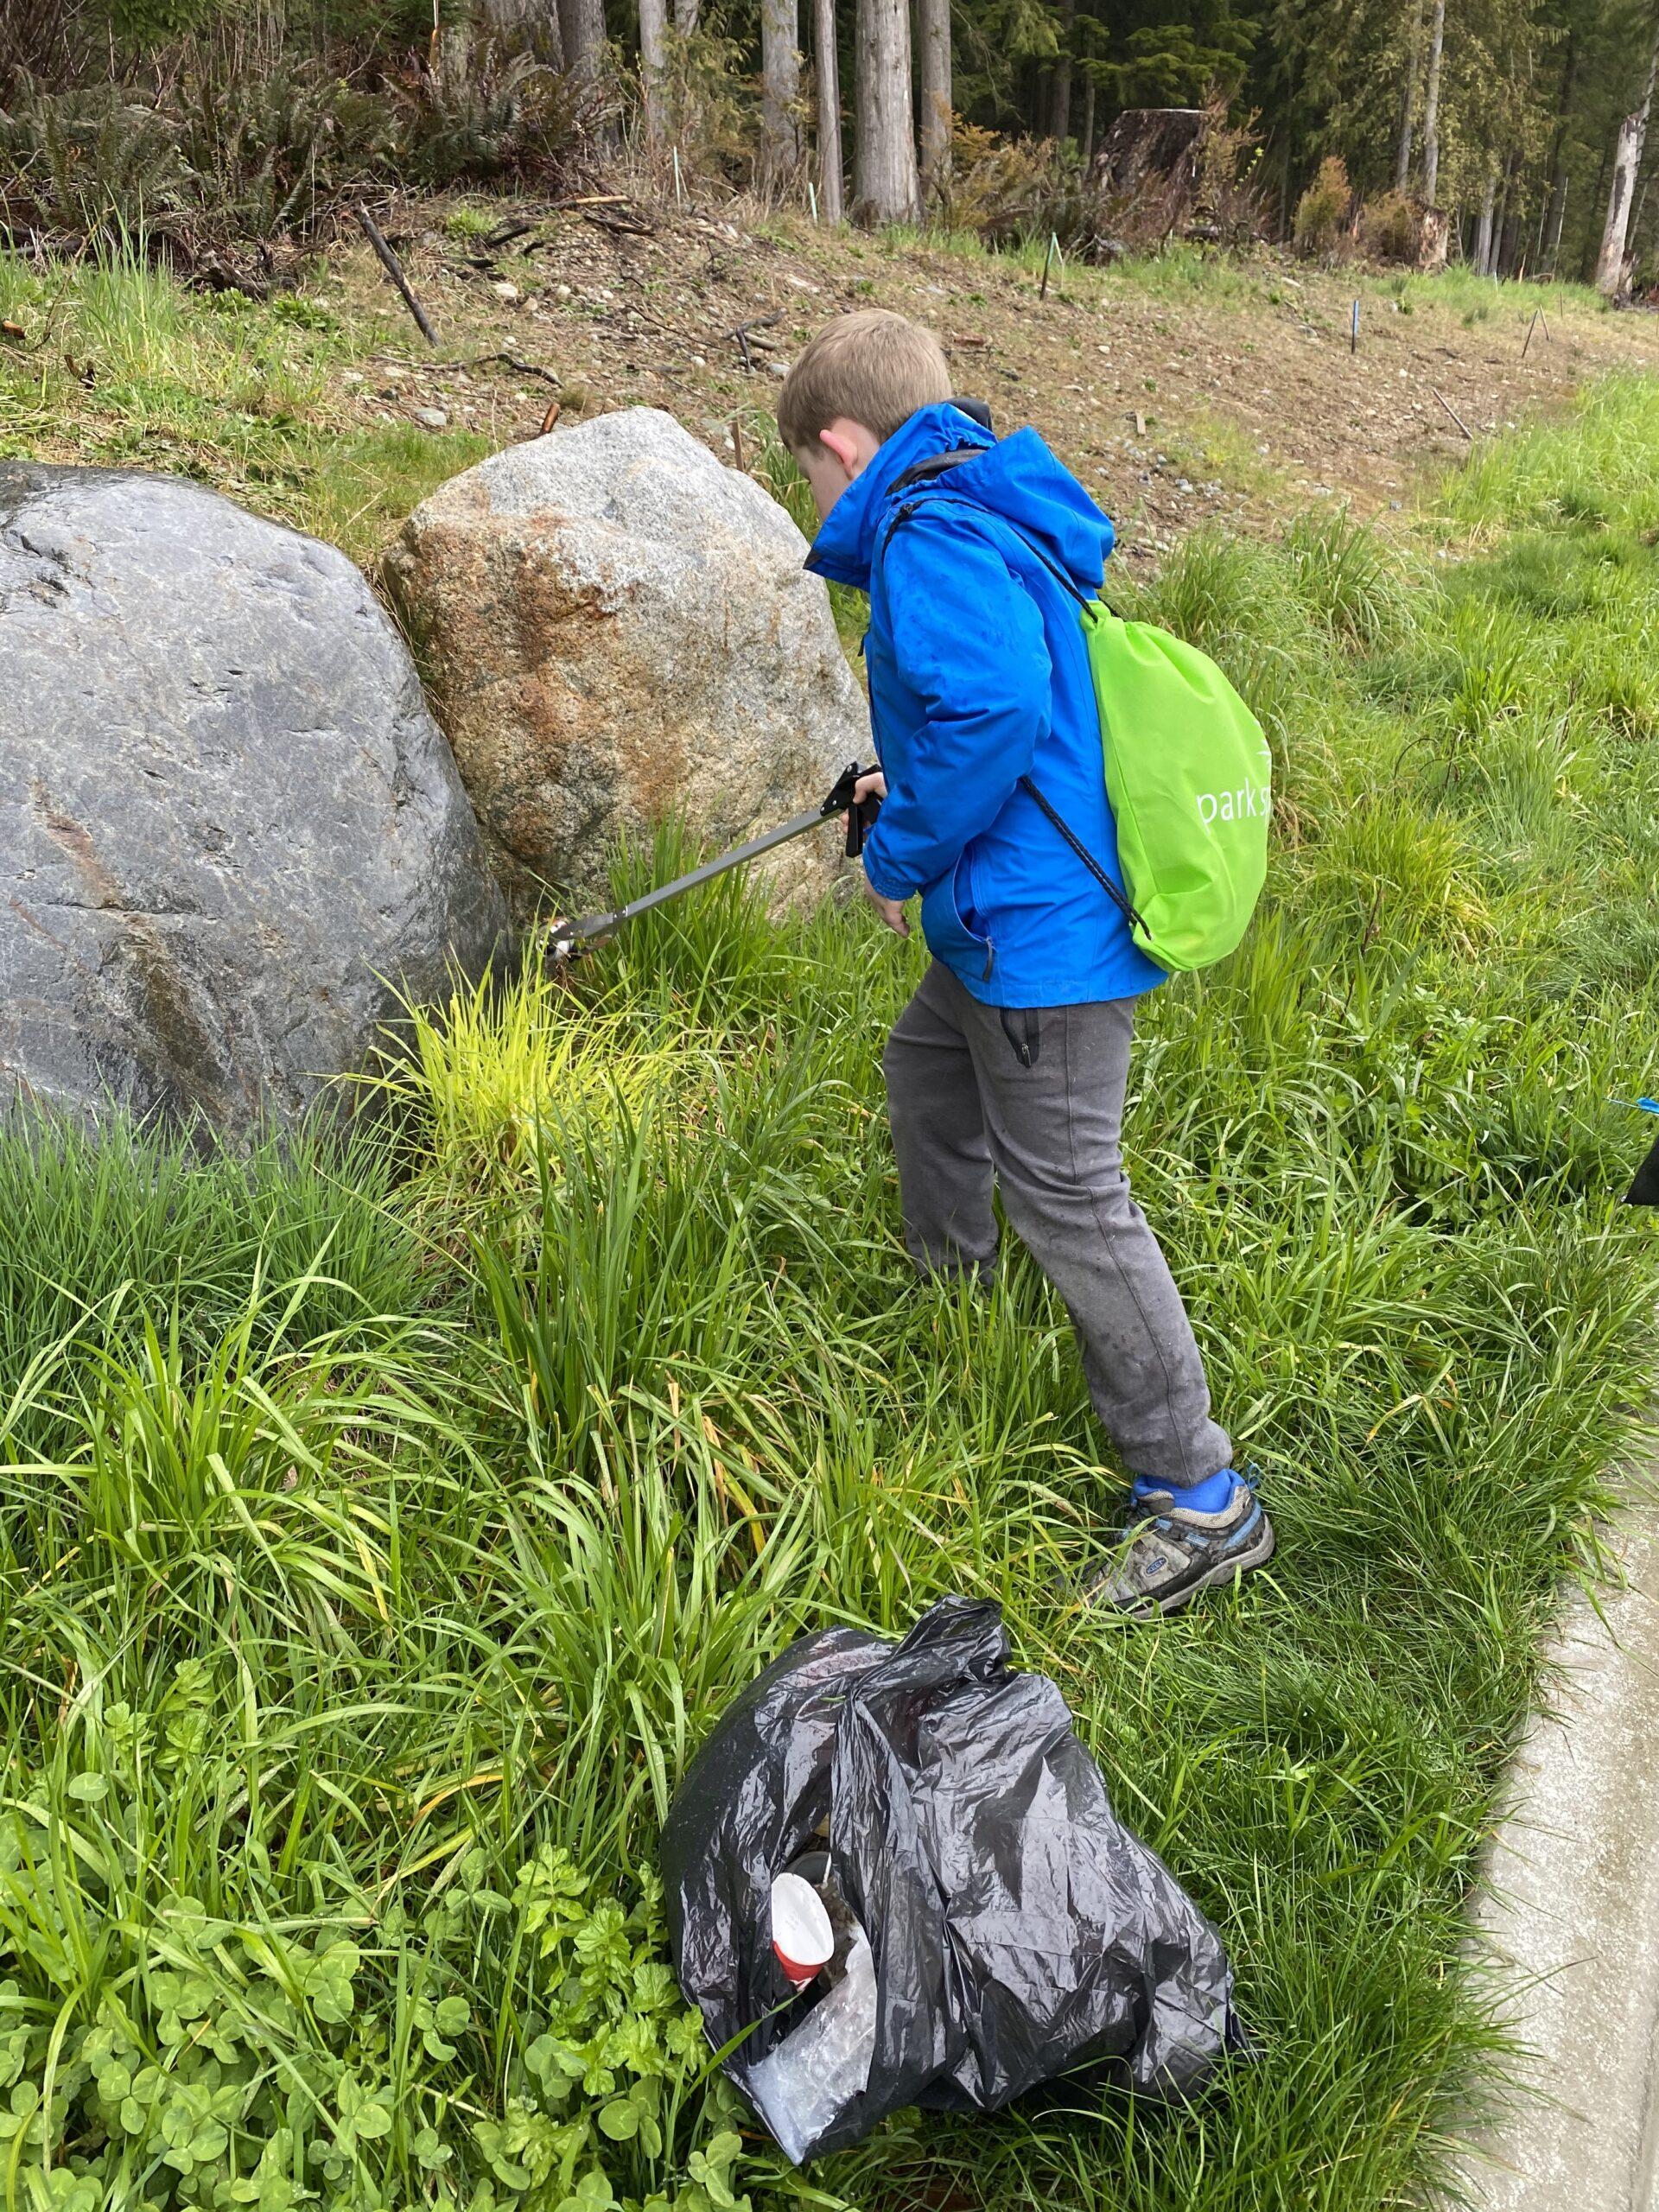 Picking up litter in Harper Park